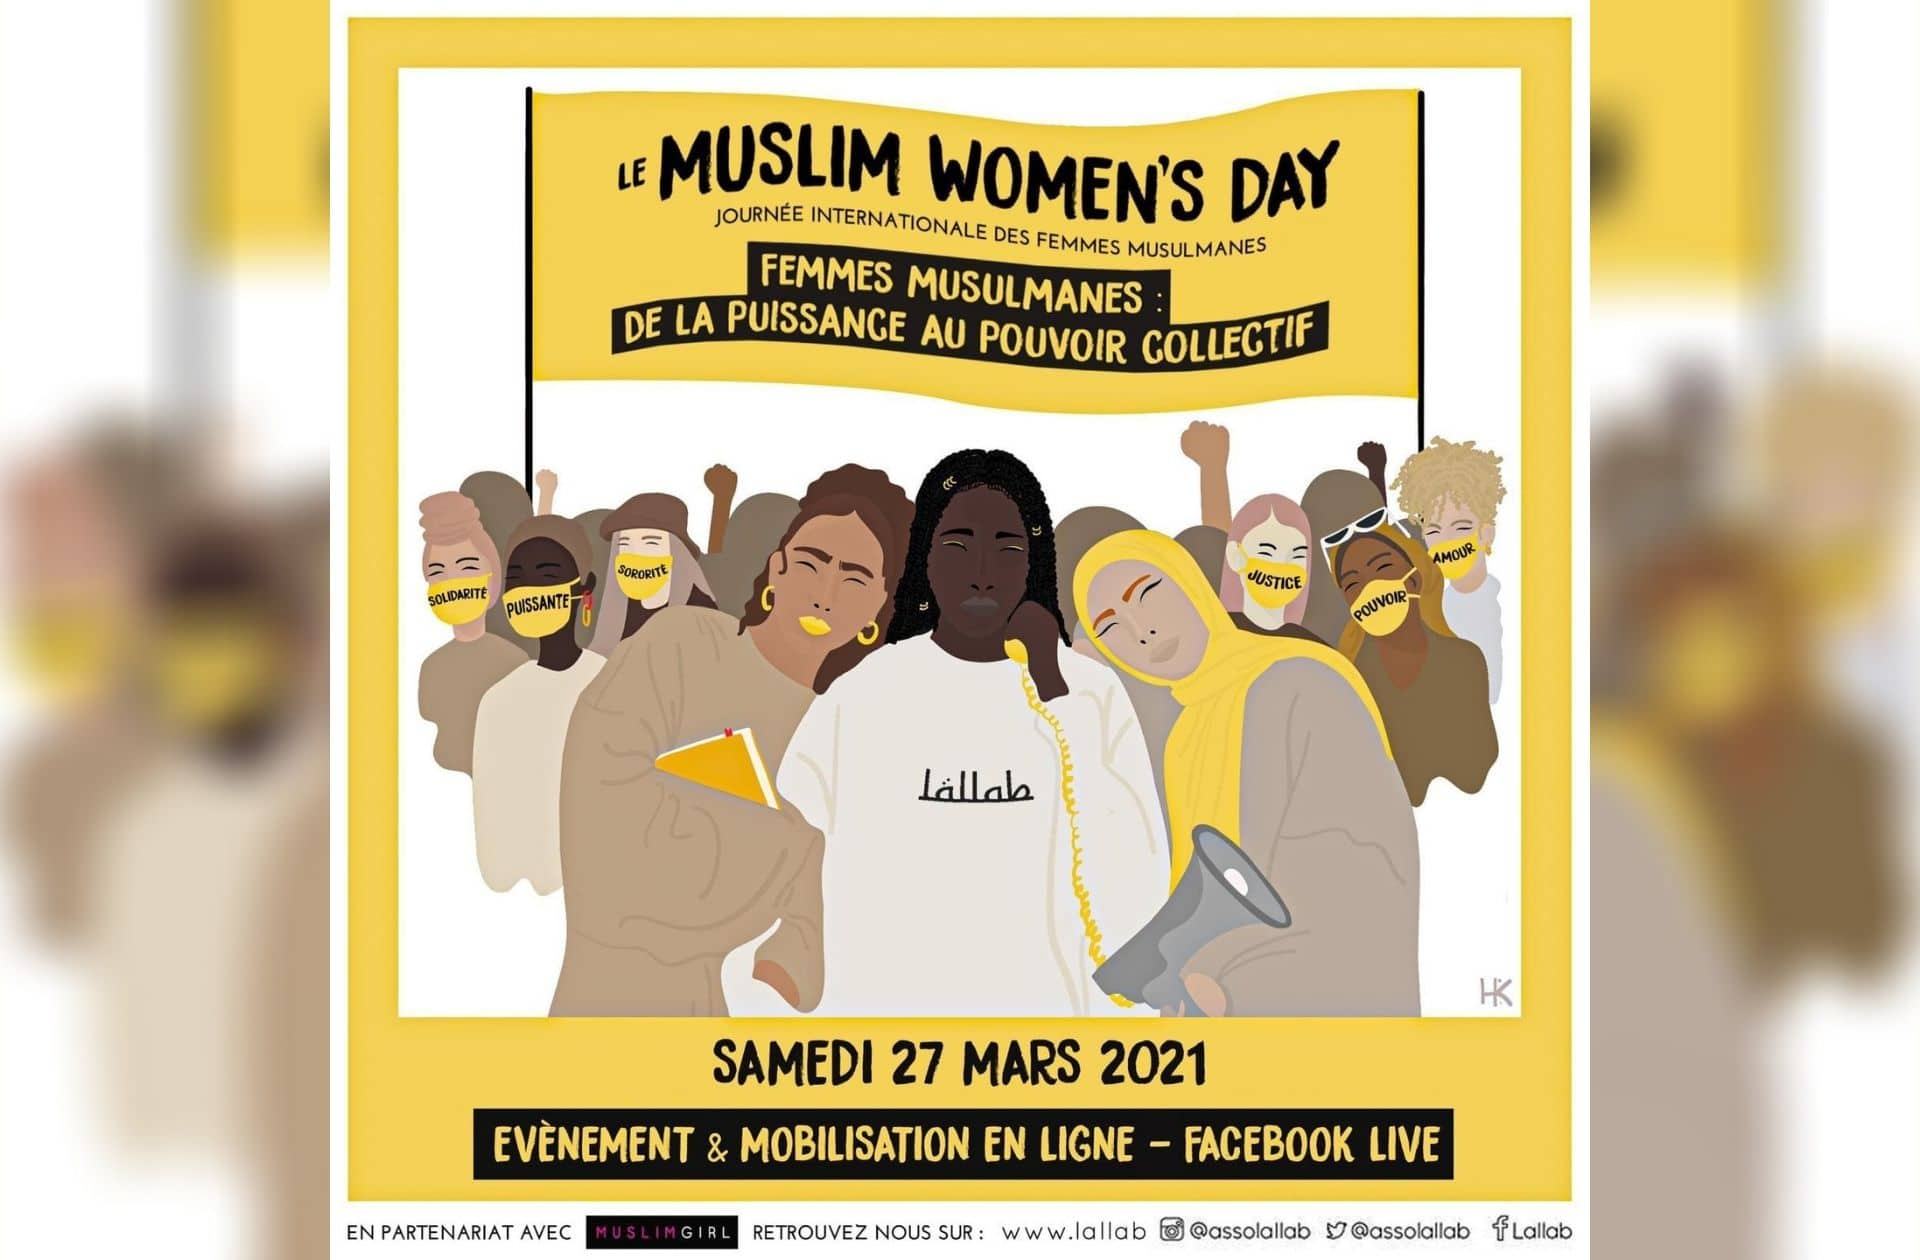 La Journée internationale des Femmes Musulmanes, c'est demain:voici le programme!